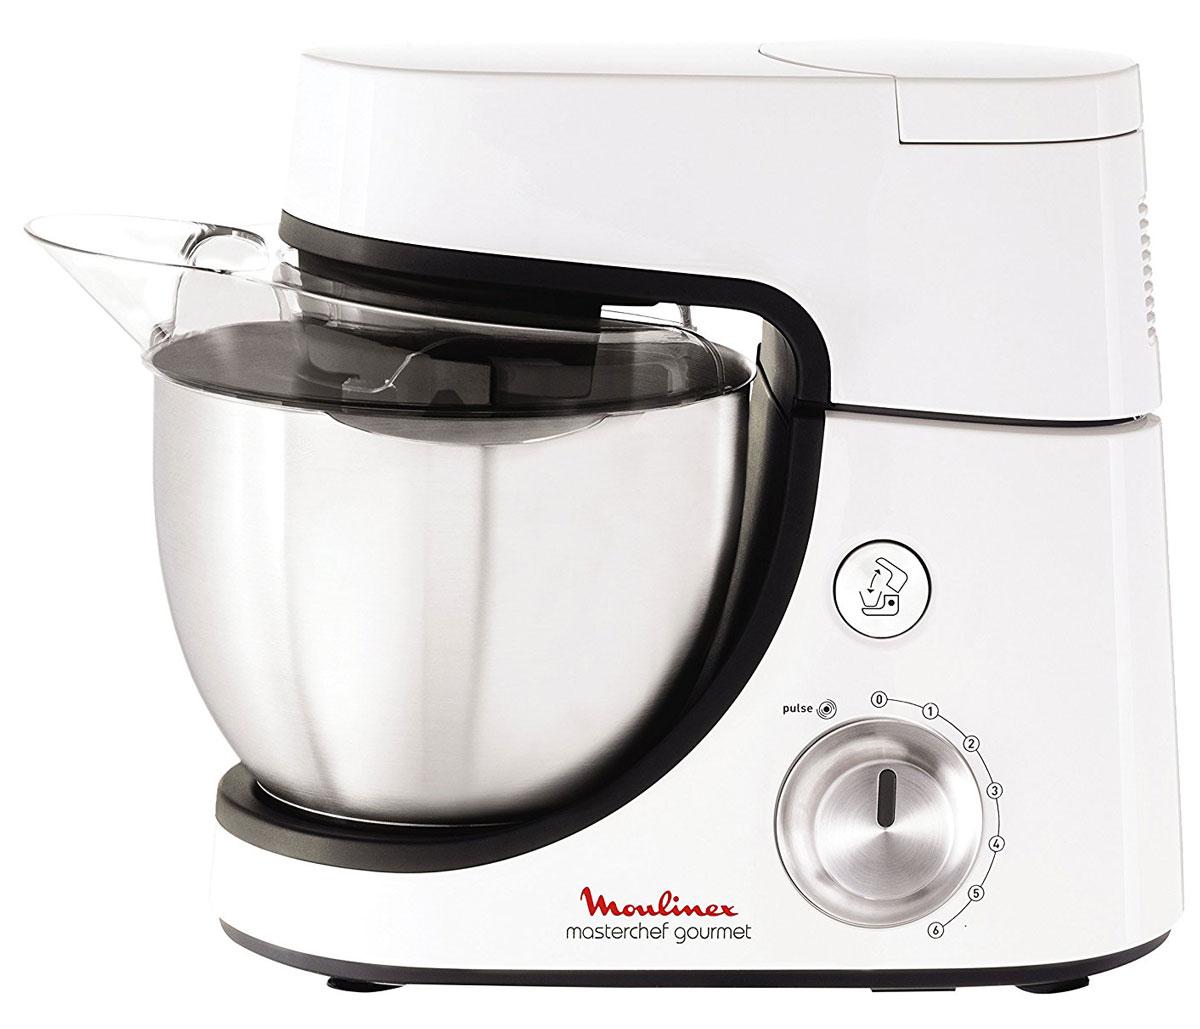 Moulinex QA5001B1 кухонная машина8000035561Благодаря функции планетарного смешивания и 6 скоростям работы кухонная машина Moulinex QA5001B1 тщательно перемешивает ингредиенты, не оставляя комочков. С помощью запатентованного дизайна удлиненного венчика Flex Whisk и специальной насадке-крюку вы получите идеальное тесто любой консистенции.